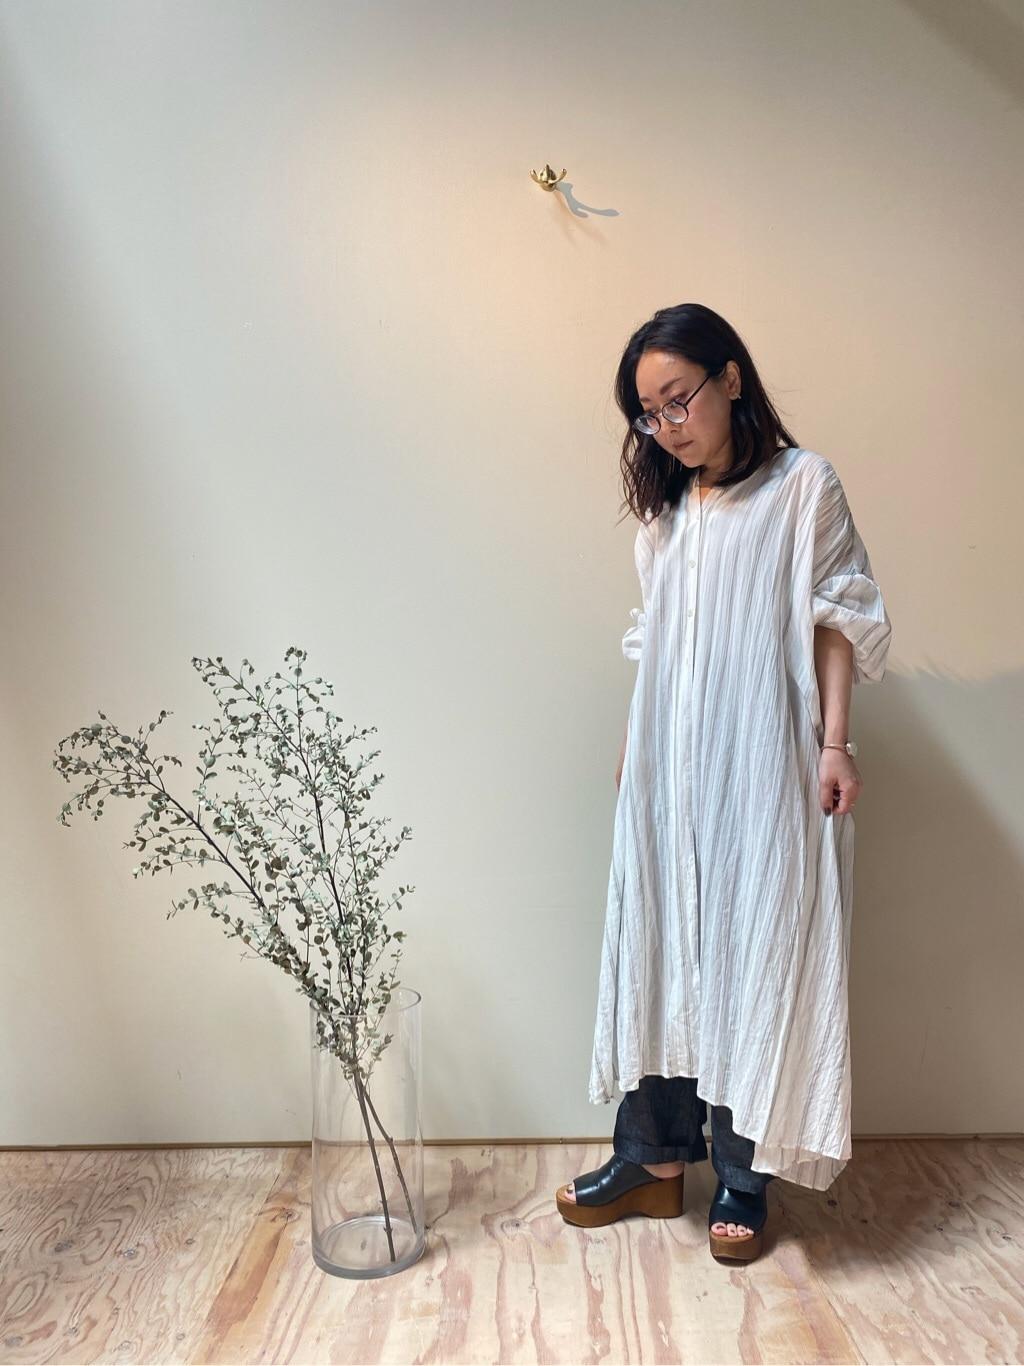 yuni 京都路面 身長:152cm 2020.06.09